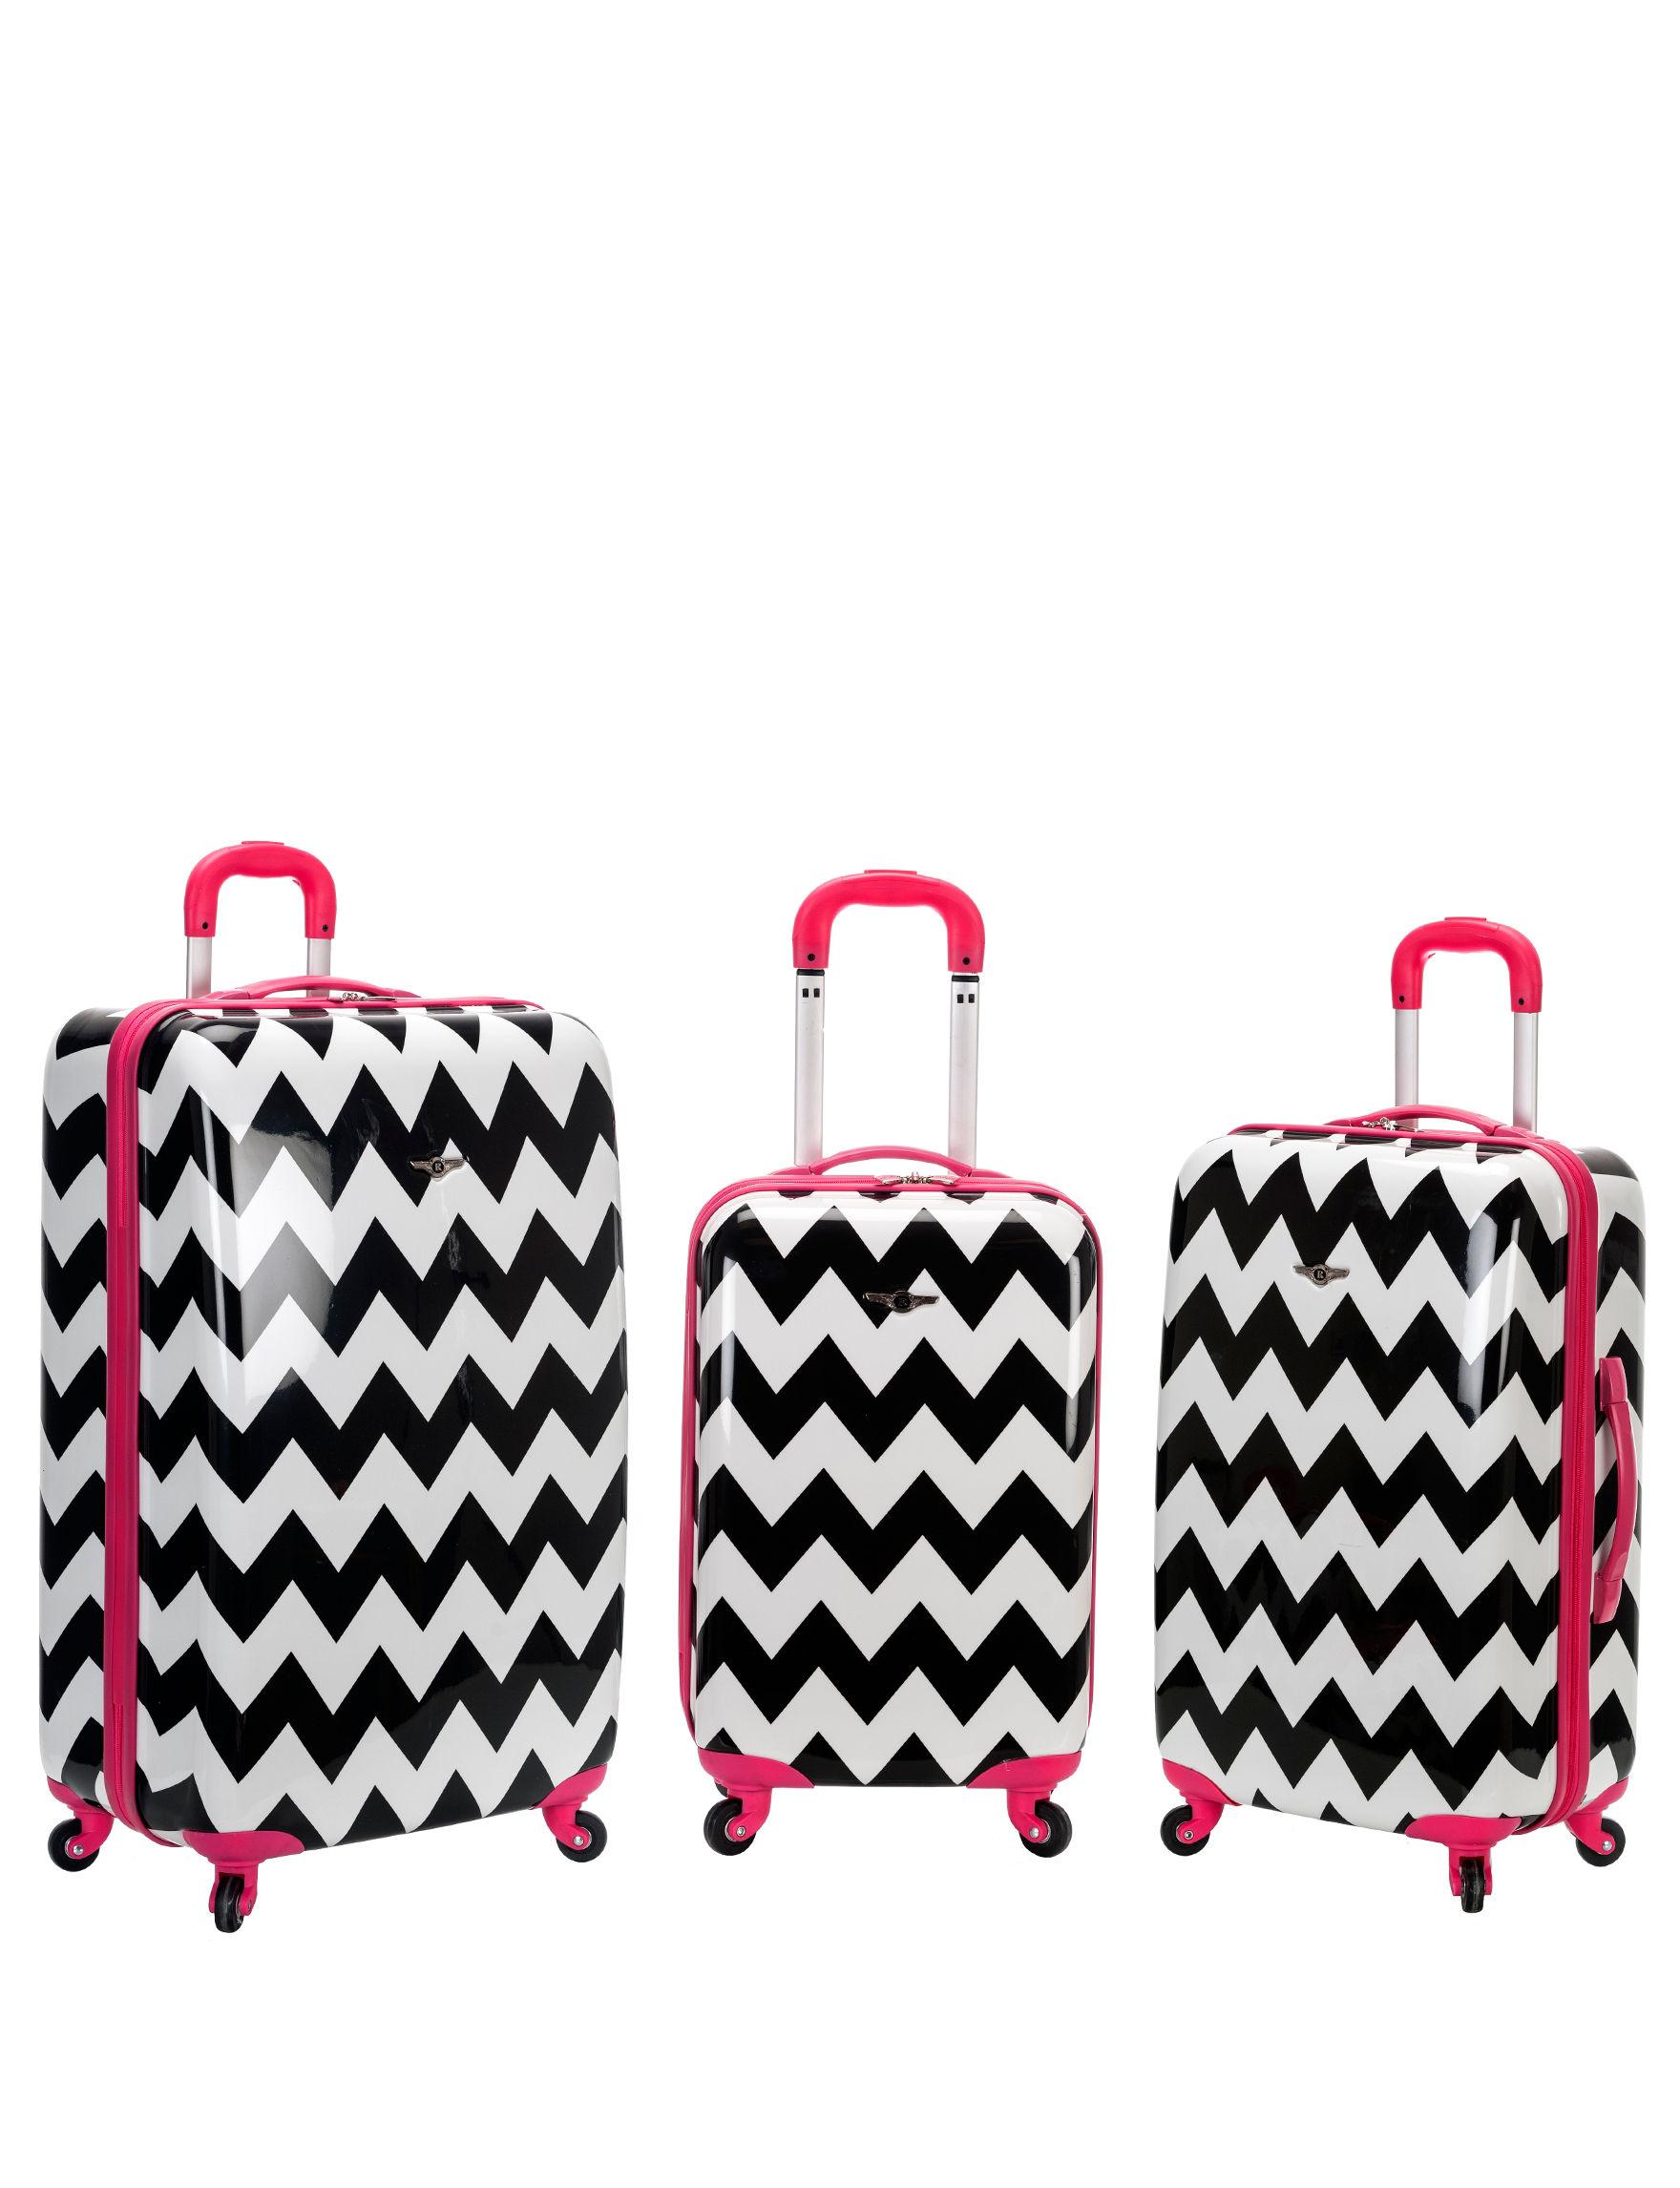 Rockland Pink / Black Luggage Sets